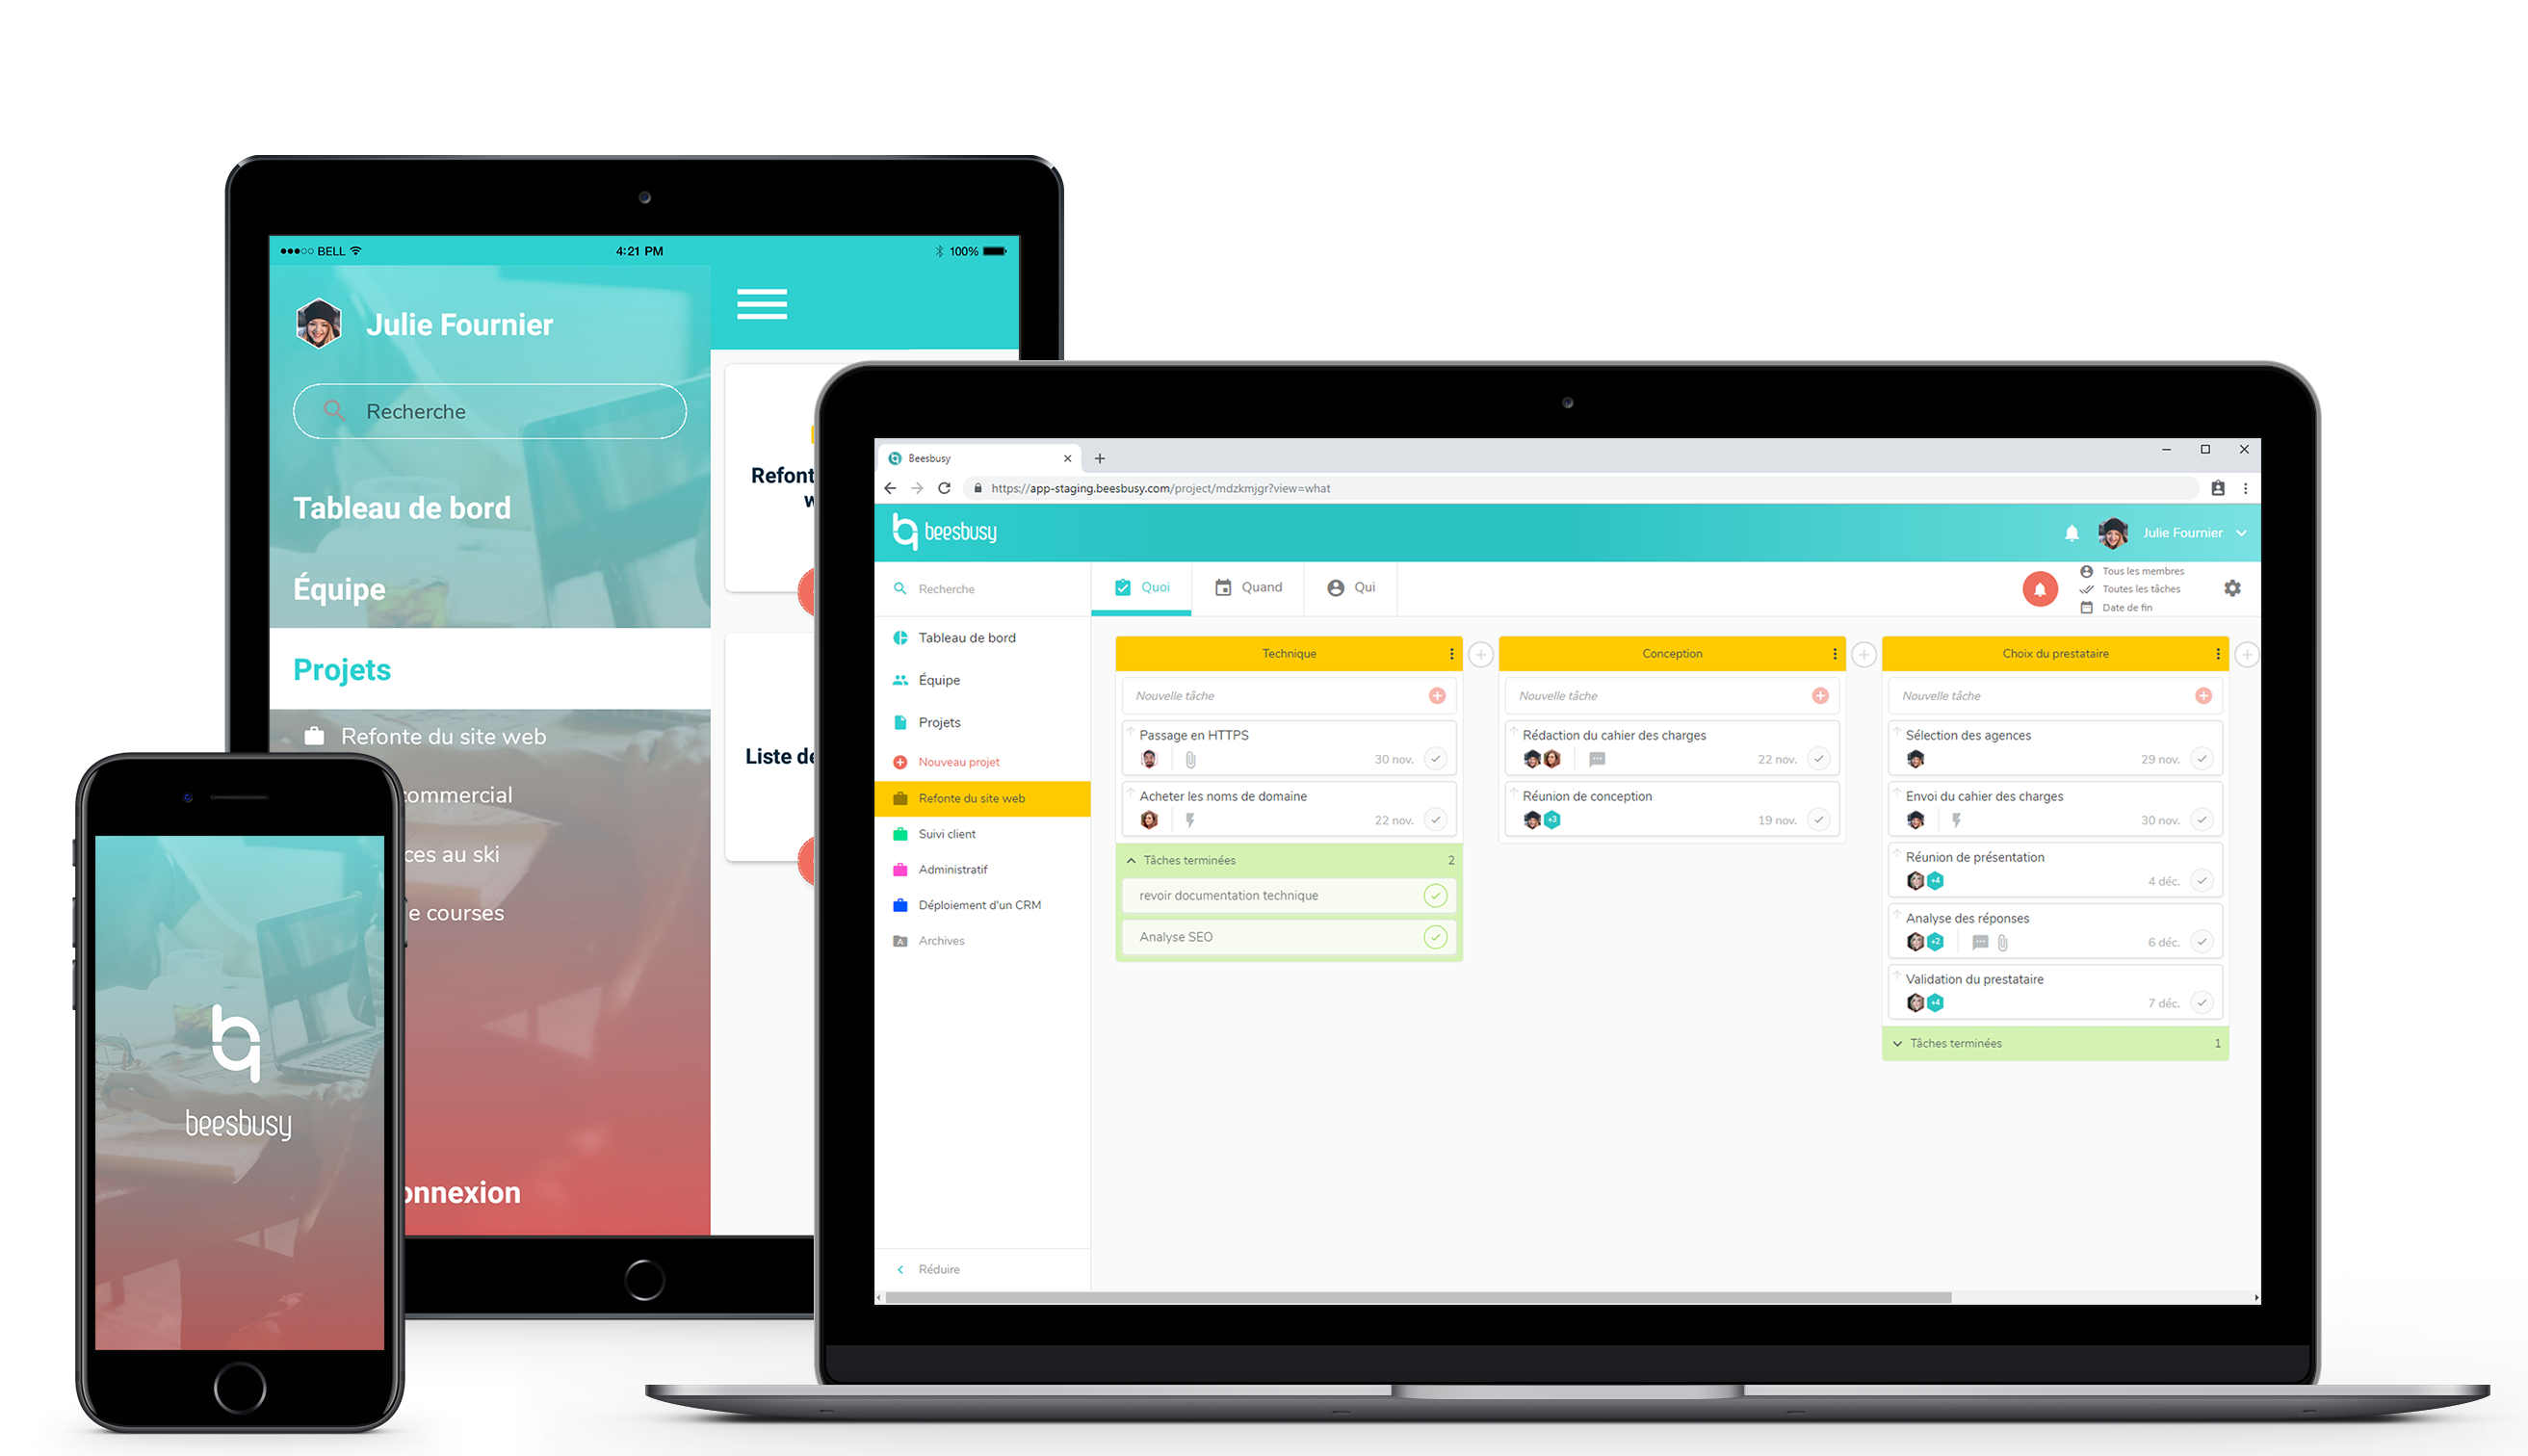 Le logiciel de gestion de projet Beesbusy permet une planification de tâches intuitive pour les entreprises.